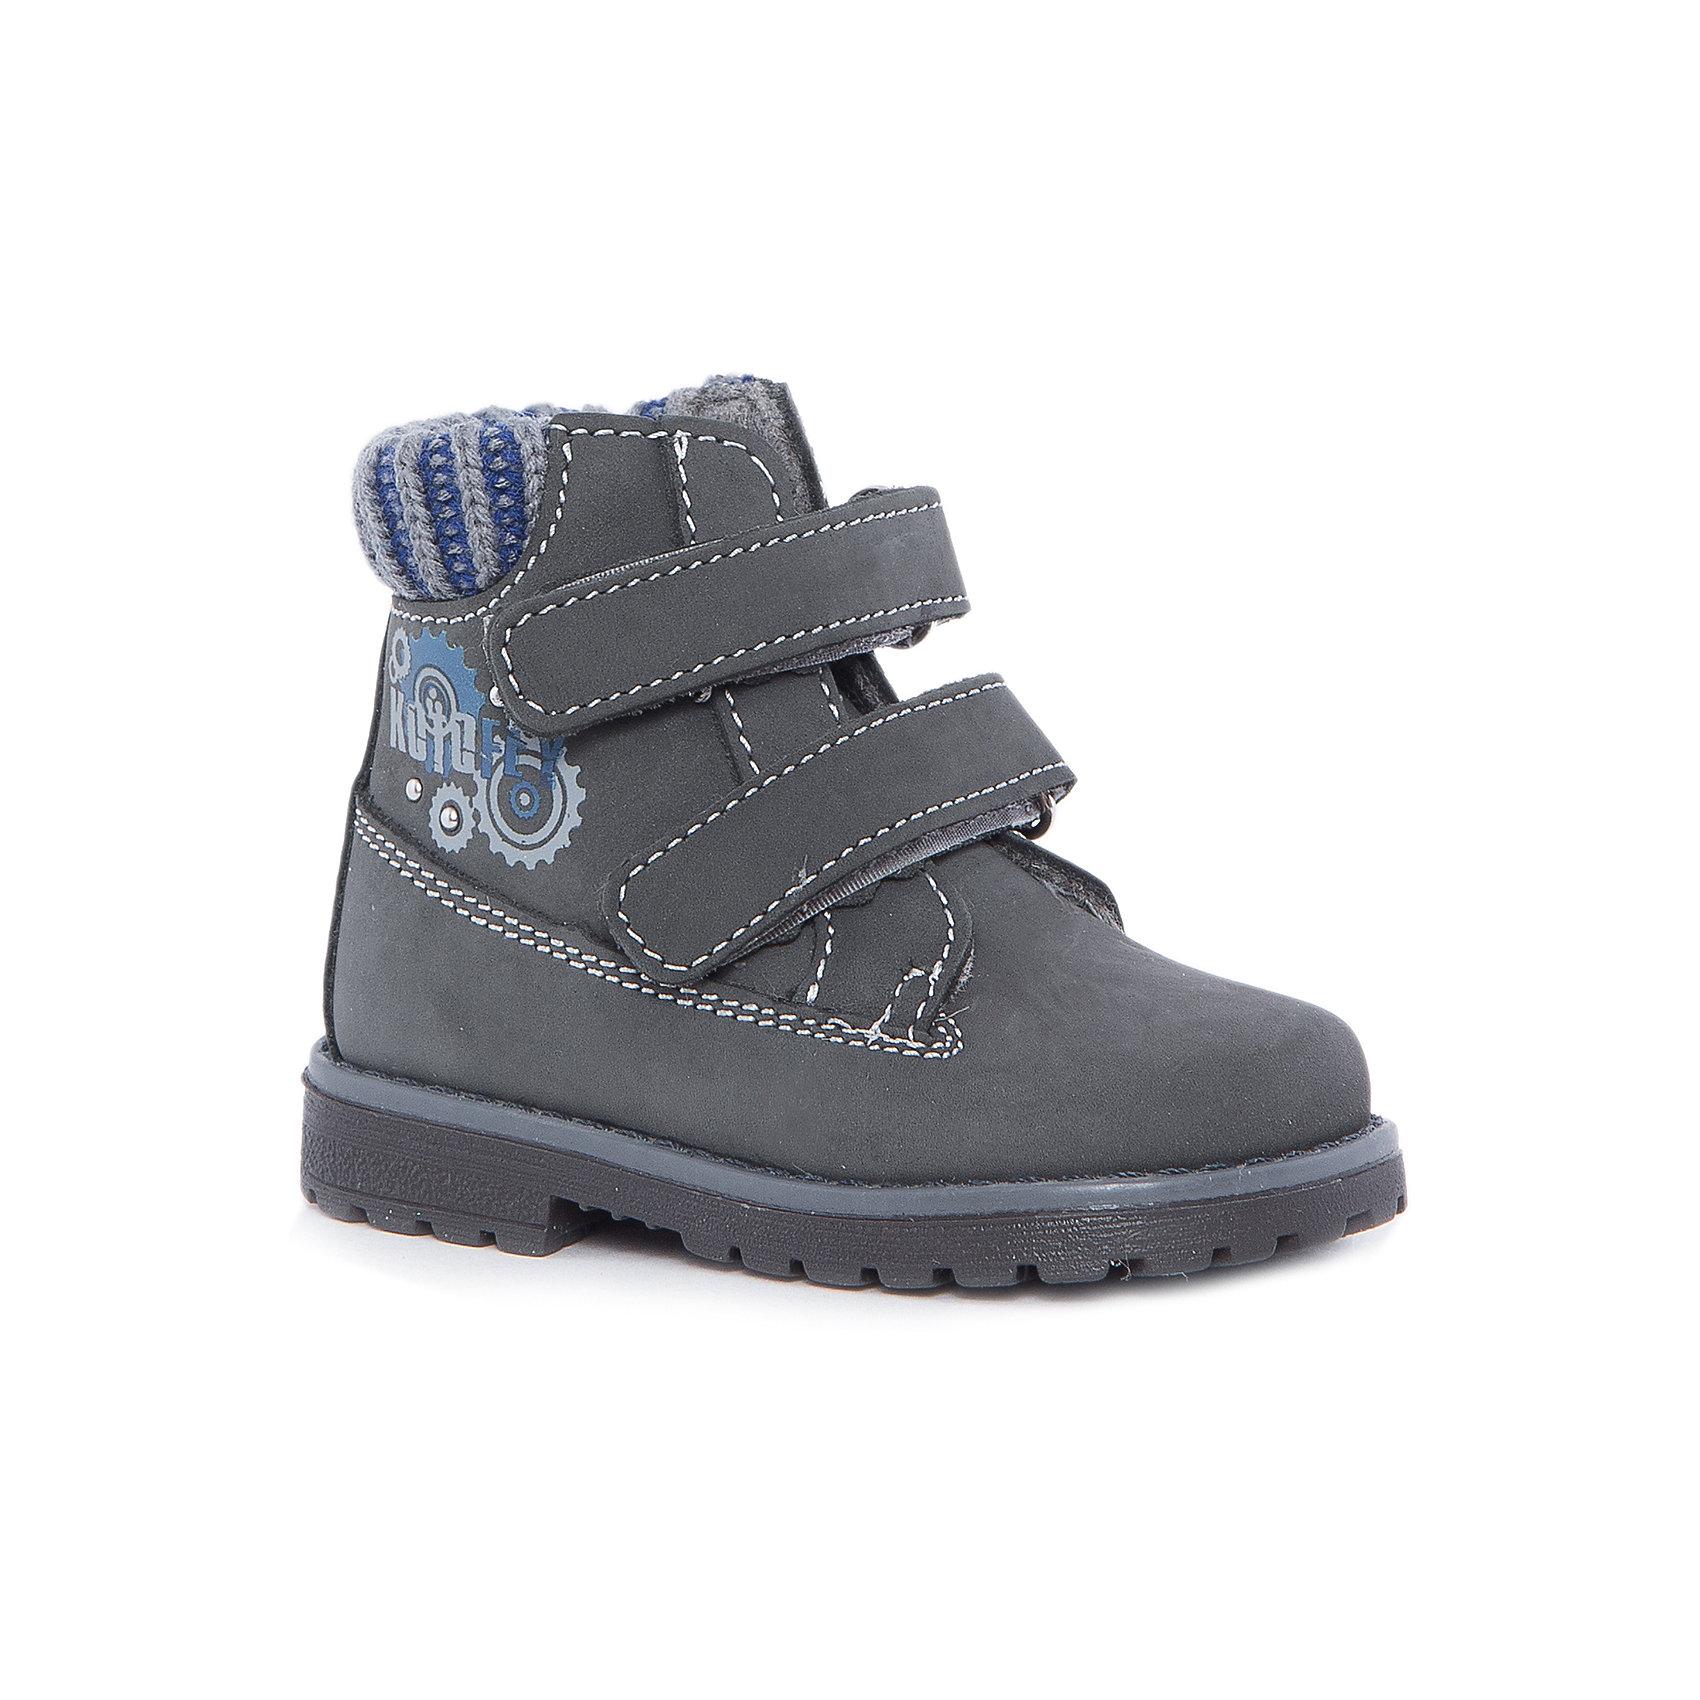 Ботинки для мальчика КотофейОбувь для малышей<br>Котофей – качественная и стильная детская обувь по доступным ценам. С каждым днем популярность бренда растет.  С наступлением осенних холодов очень важно выбрать удобную и теплую обувь, которая защитит ножки малыша от промокания, а здоровье от простуды. Стильные ботиночки придутся по душе всем родителям, стремящимся модно одевать свою кроху, а малыши оценят удобную застежку – липу, которая экономит время при обувании ботиночек. Модель отвечает всем модным требованиям.<br><br>Дополнительная информация:<br><br>цвет: серый;<br>вид крепления: клеевой;<br>застежка: липучка;<br>температурный режим: от 0°С до +15° С.<br><br>Состав:<br>верх – кожа;<br>подклад – байковый материал;<br>подошва – ТЭП.<br><br>Осенние ботиночки из натурального материала для мальчика ясельного возраста от фирмы Котофей можно приобрести у нас в магазине.<br><br>Ширина мм: 262<br>Глубина мм: 176<br>Высота мм: 97<br>Вес г: 427<br>Цвет: серый<br>Возраст от месяцев: 15<br>Возраст до месяцев: 18<br>Пол: Мужской<br>Возраст: Детский<br>Размер: 22,20,21<br>SKU: 4982283